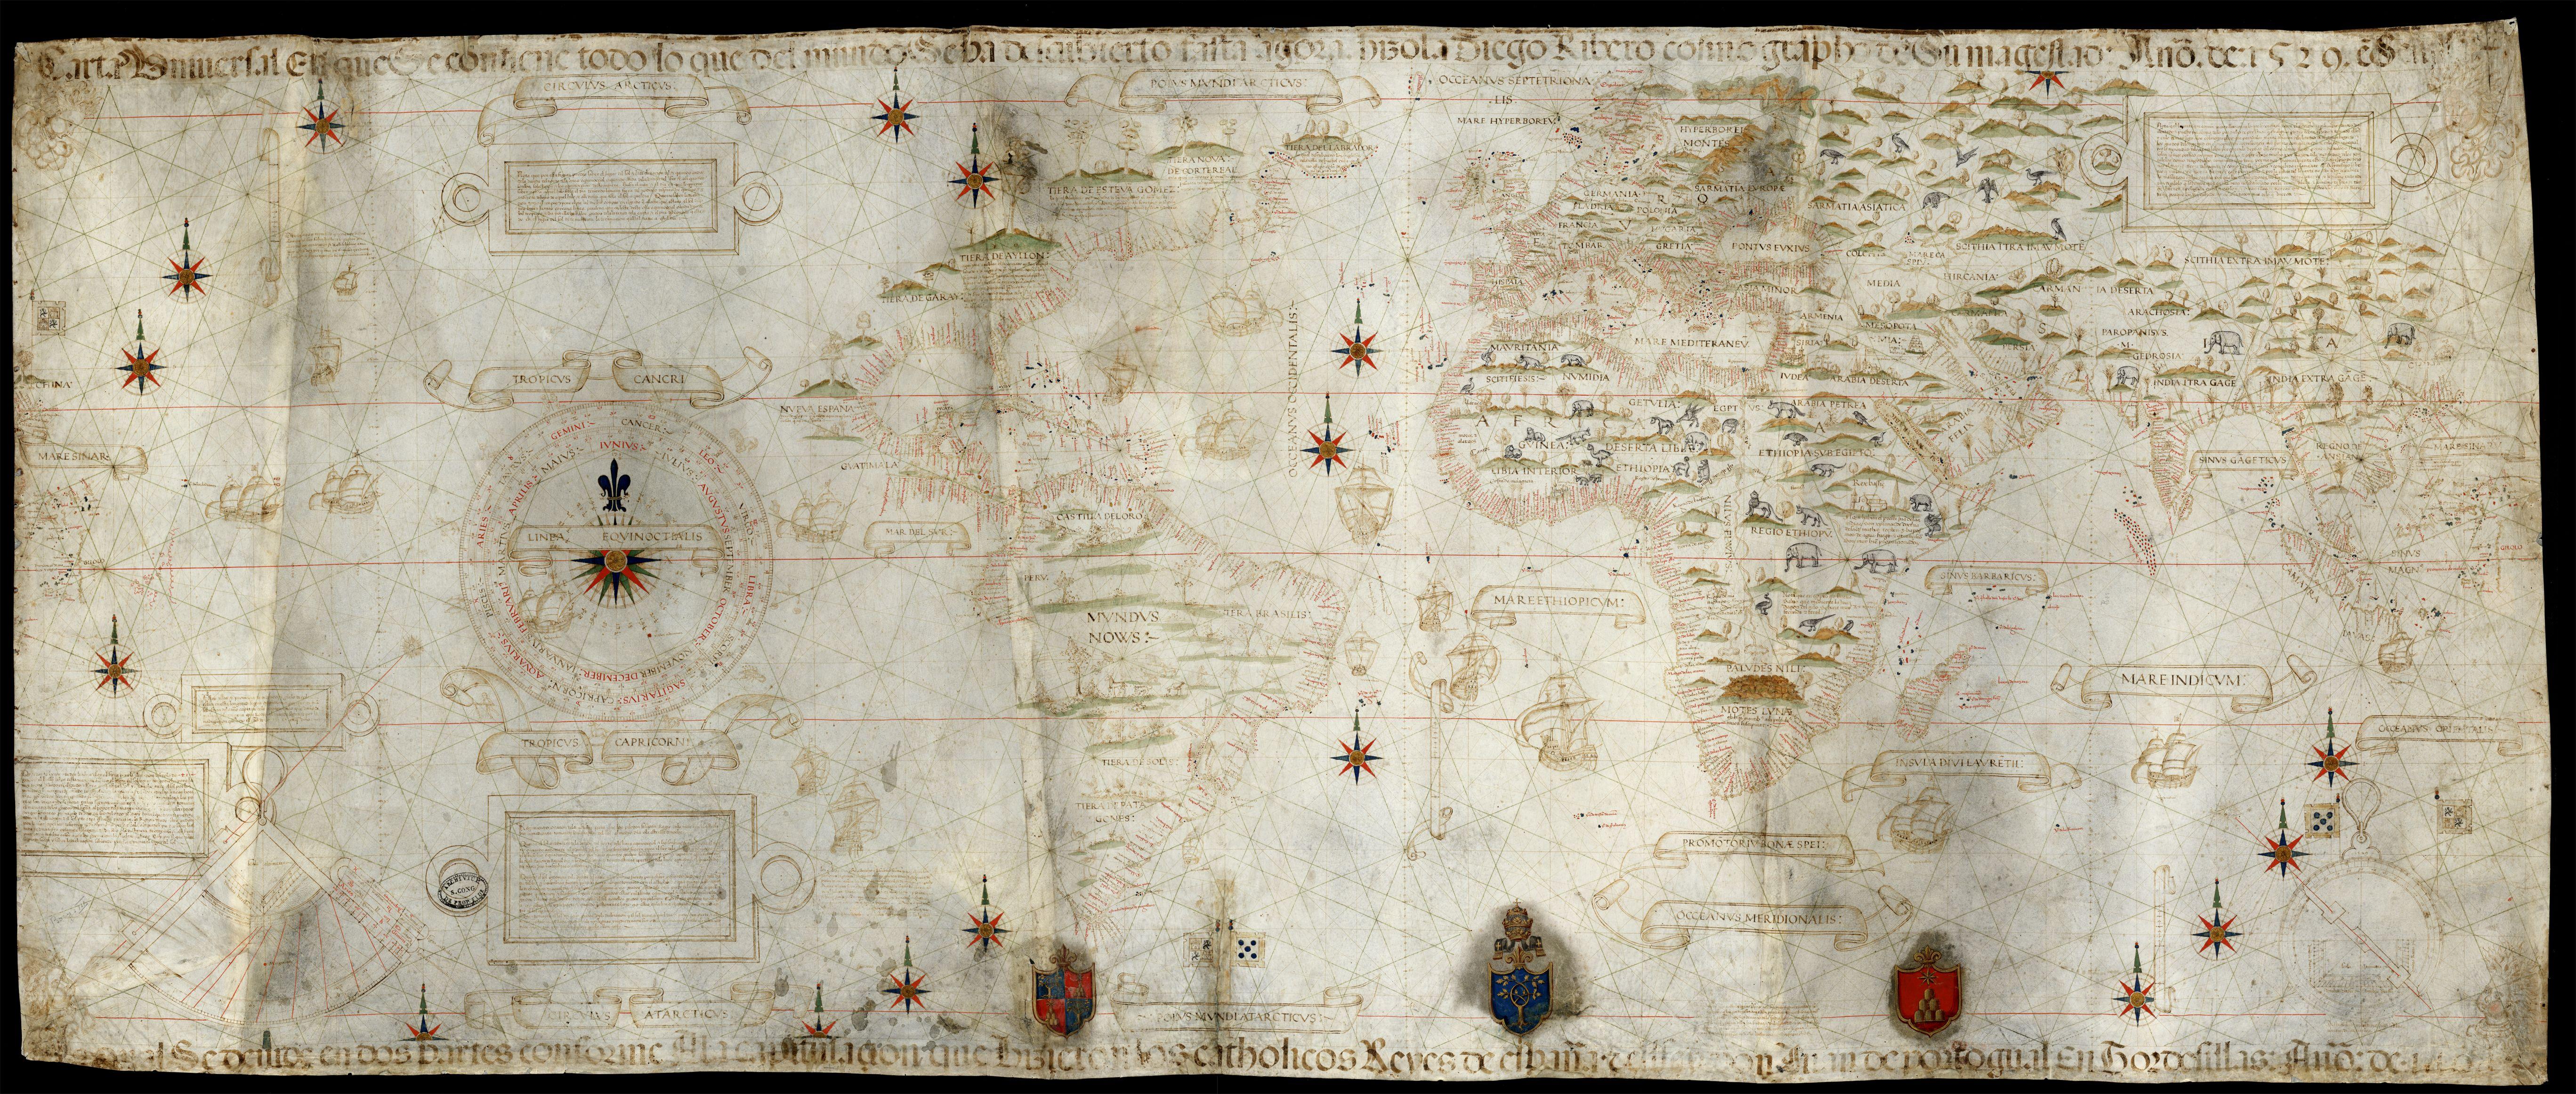 File:Carta universal en que se contiene todo lo que del mundo se ha  descubierto